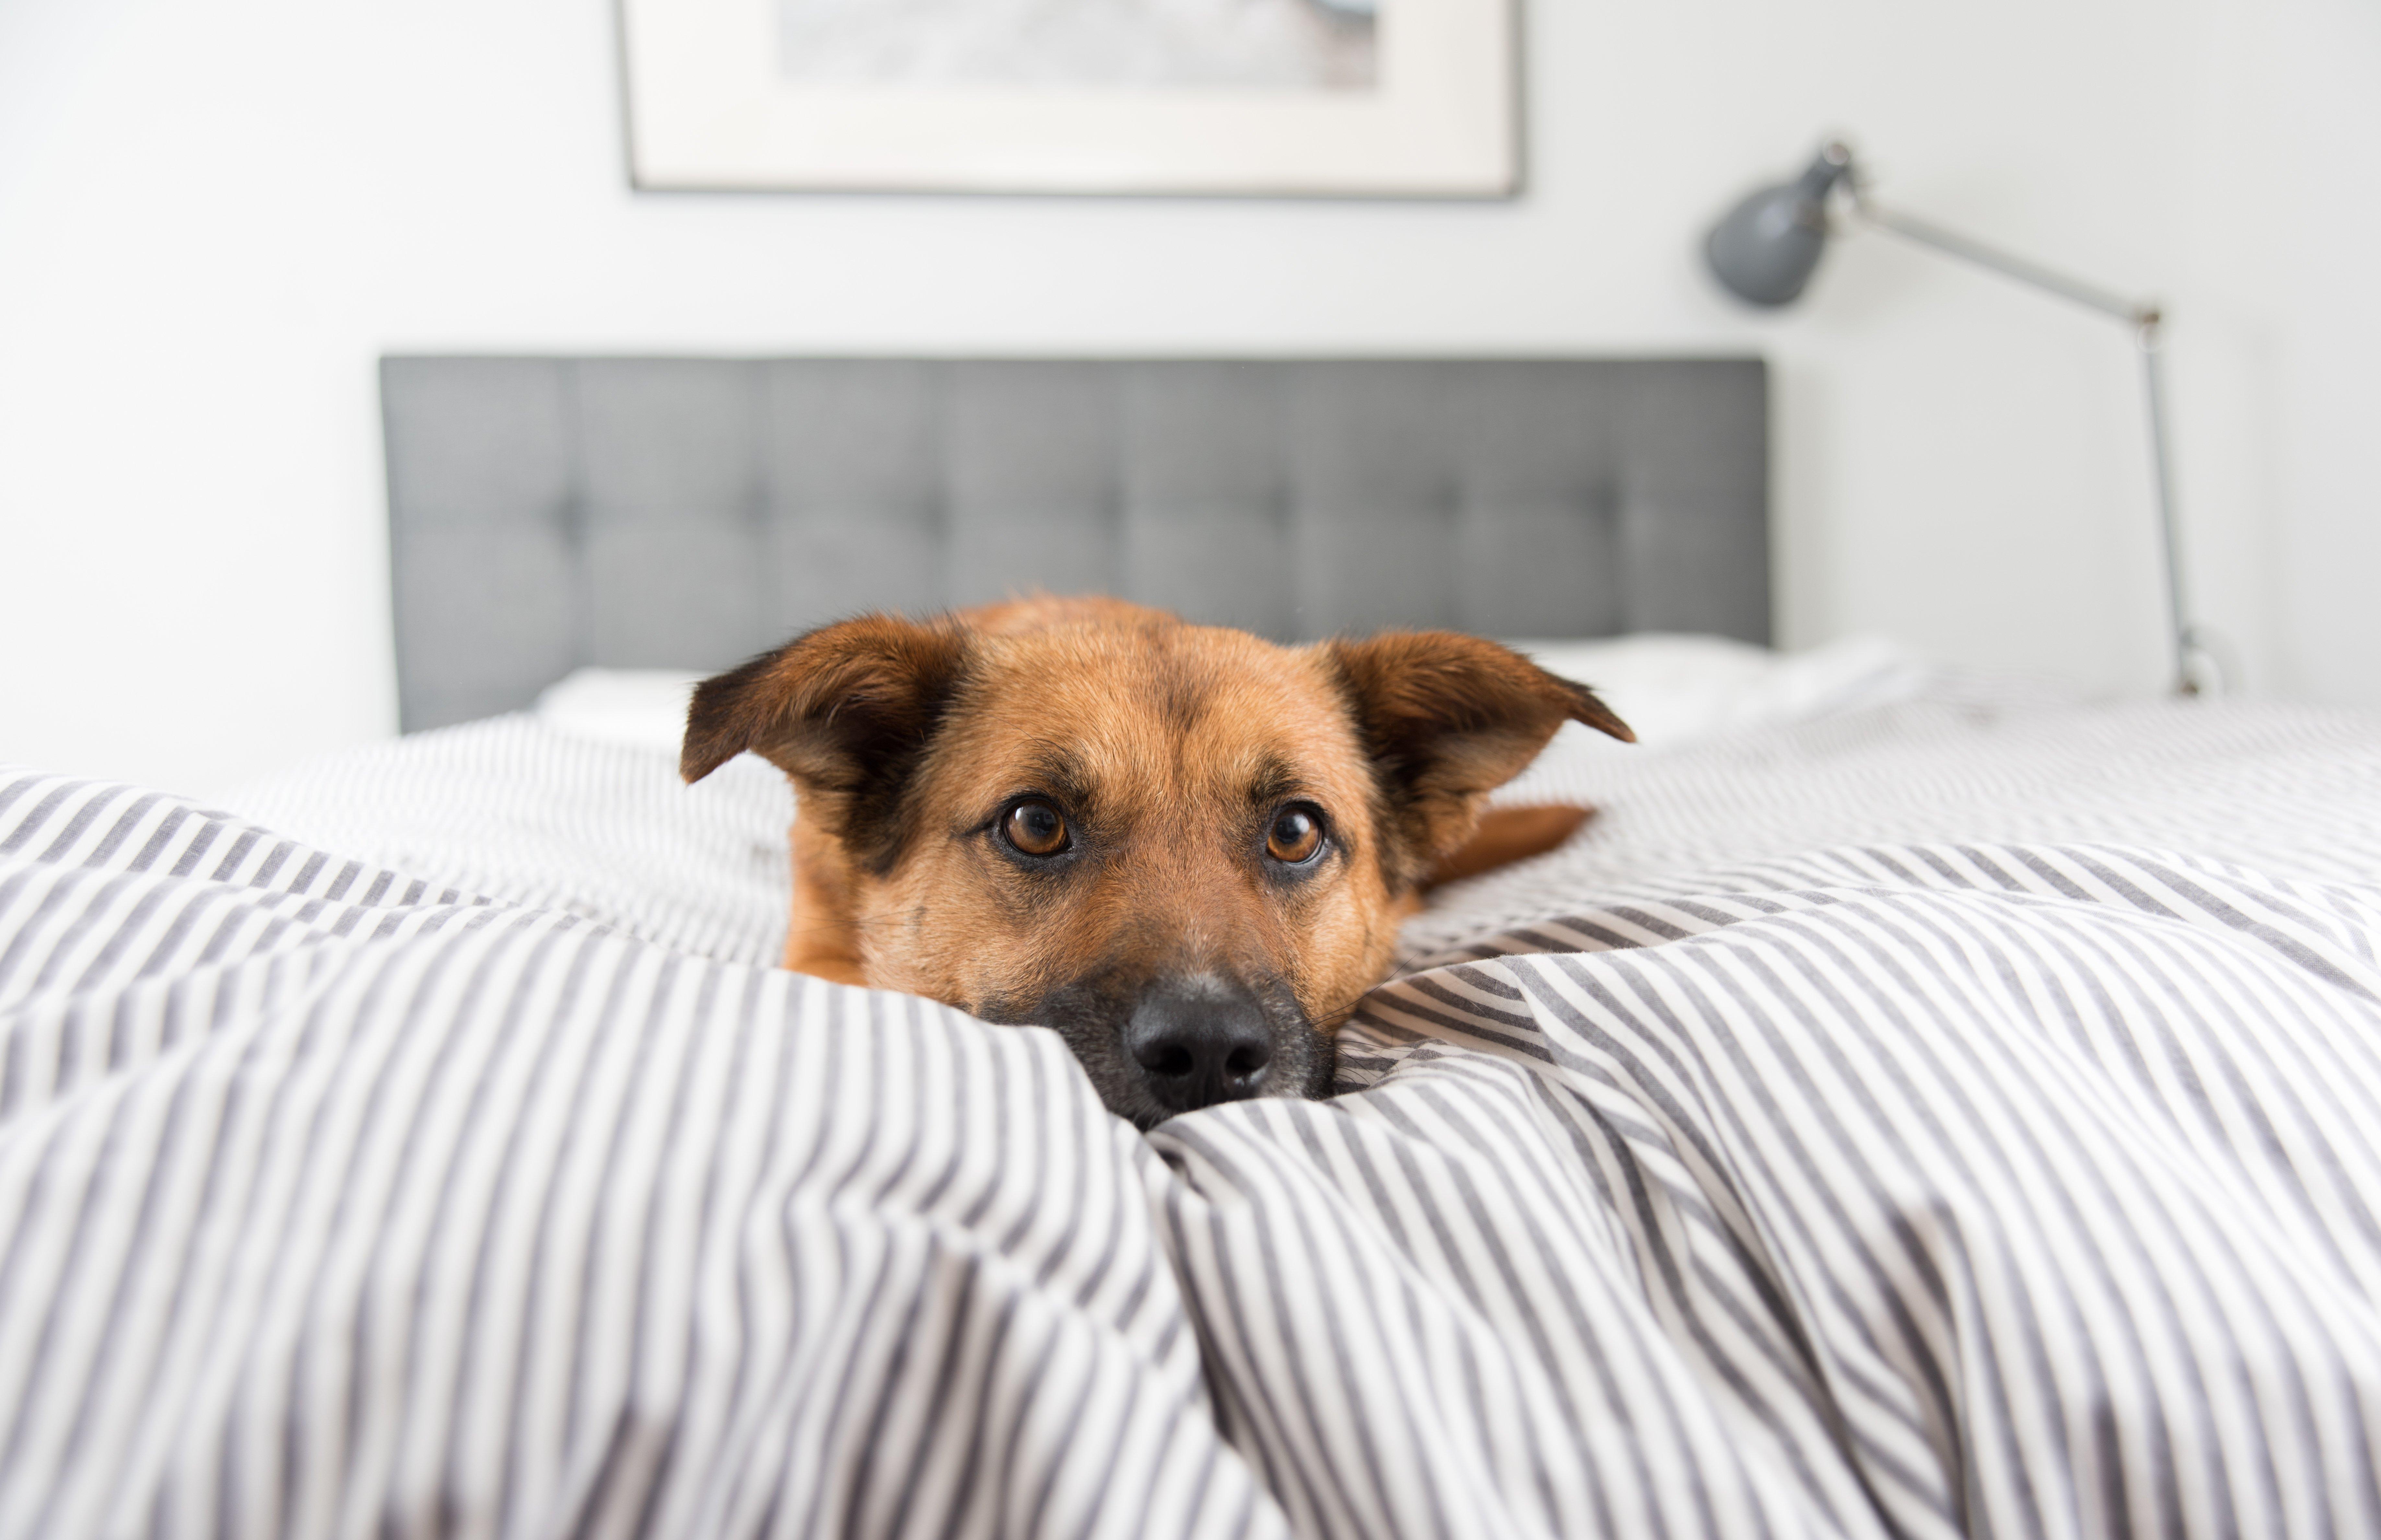 Un perro acostado en la cama. Fuente: Shutterstock